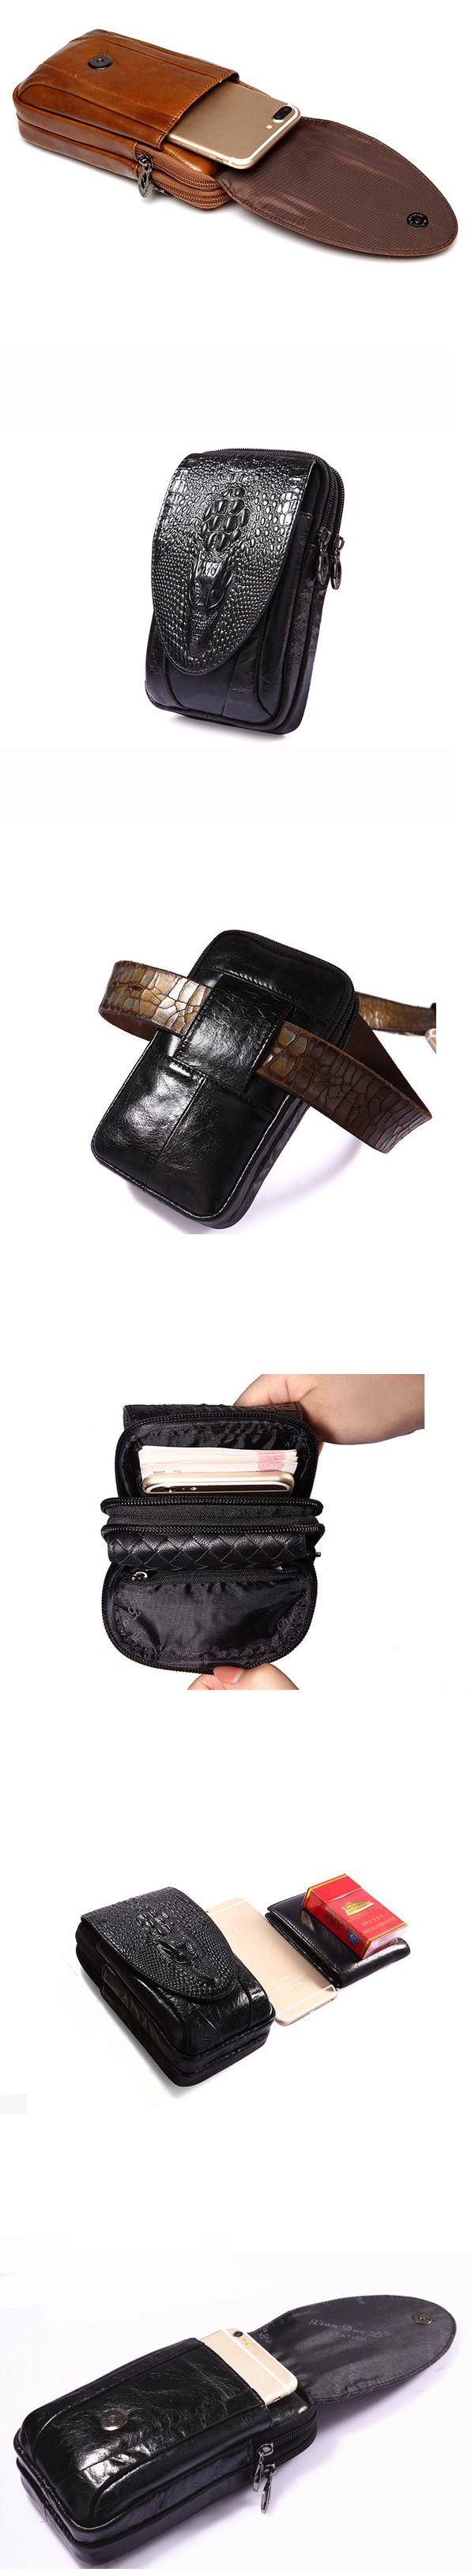 4.7 a 6 pulgadas de la bolsa del teléfono celular de cuero genuino impermeable paquete de la cintura para los hombres